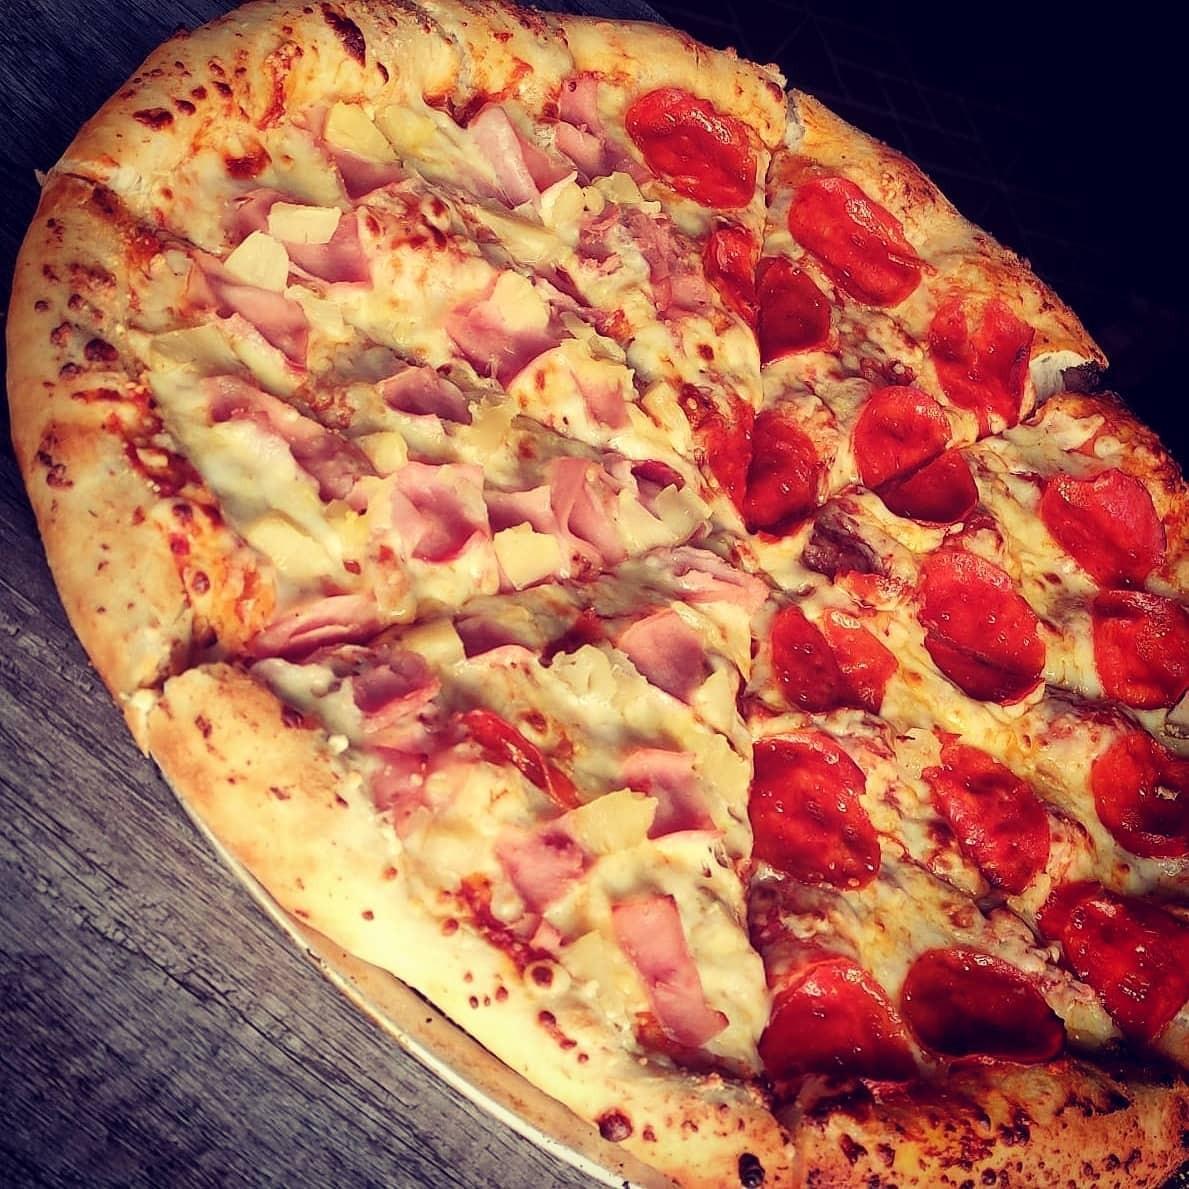 Paquete 1 Pizza Redonda Grande, 1 Alitas o Papas y 1 Refresco